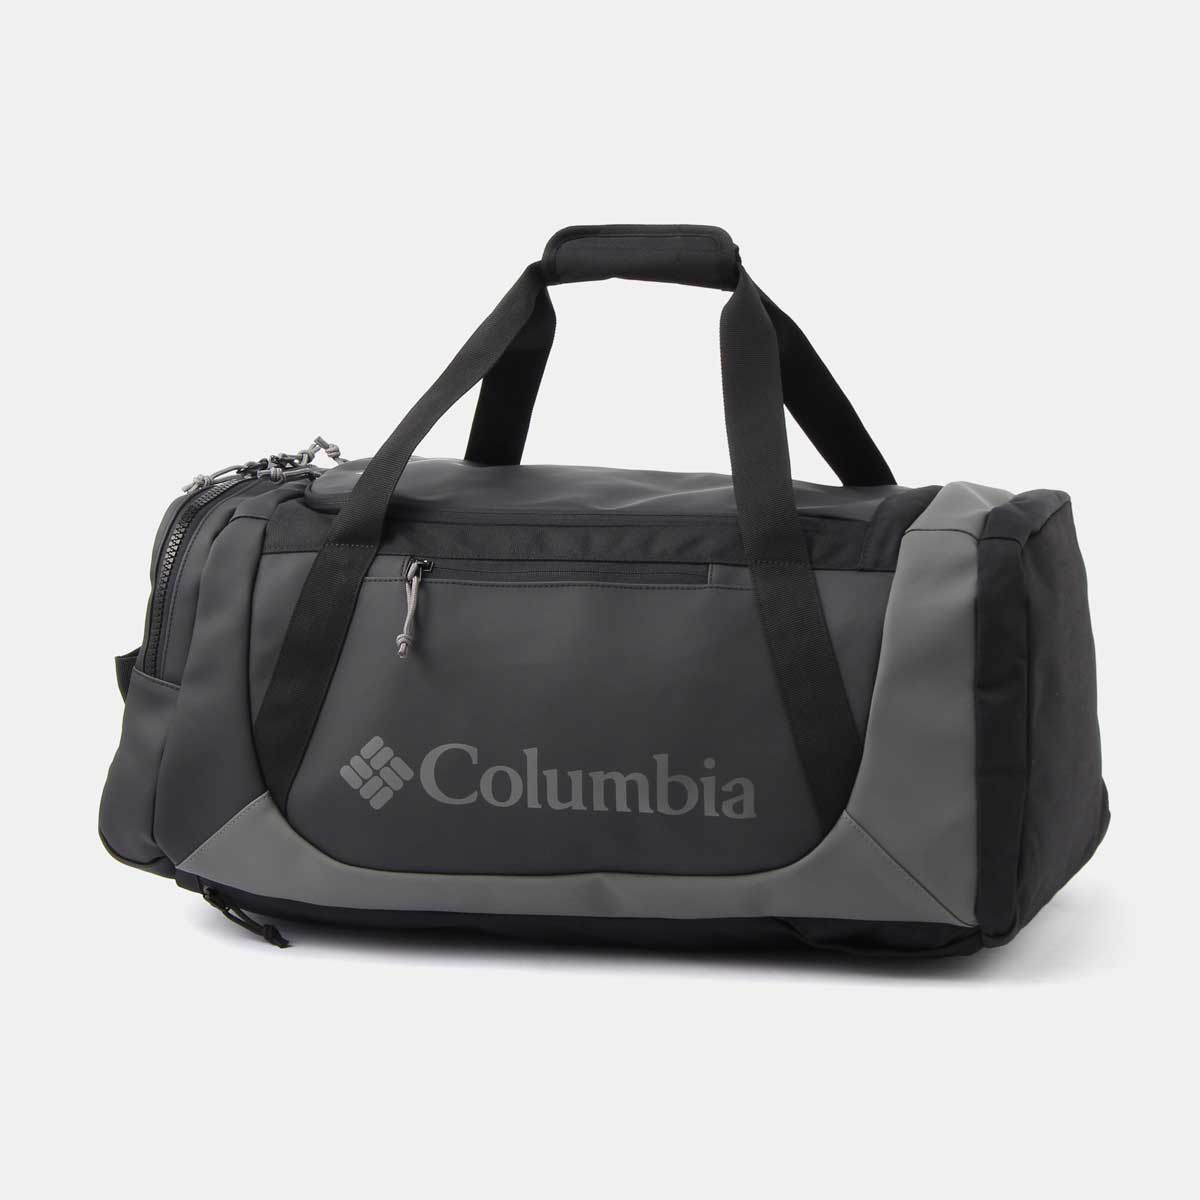 Columbia(コロンビア) PU8230 BREMNER SLOPE 4 ブレムナースロープ40Lダッフル